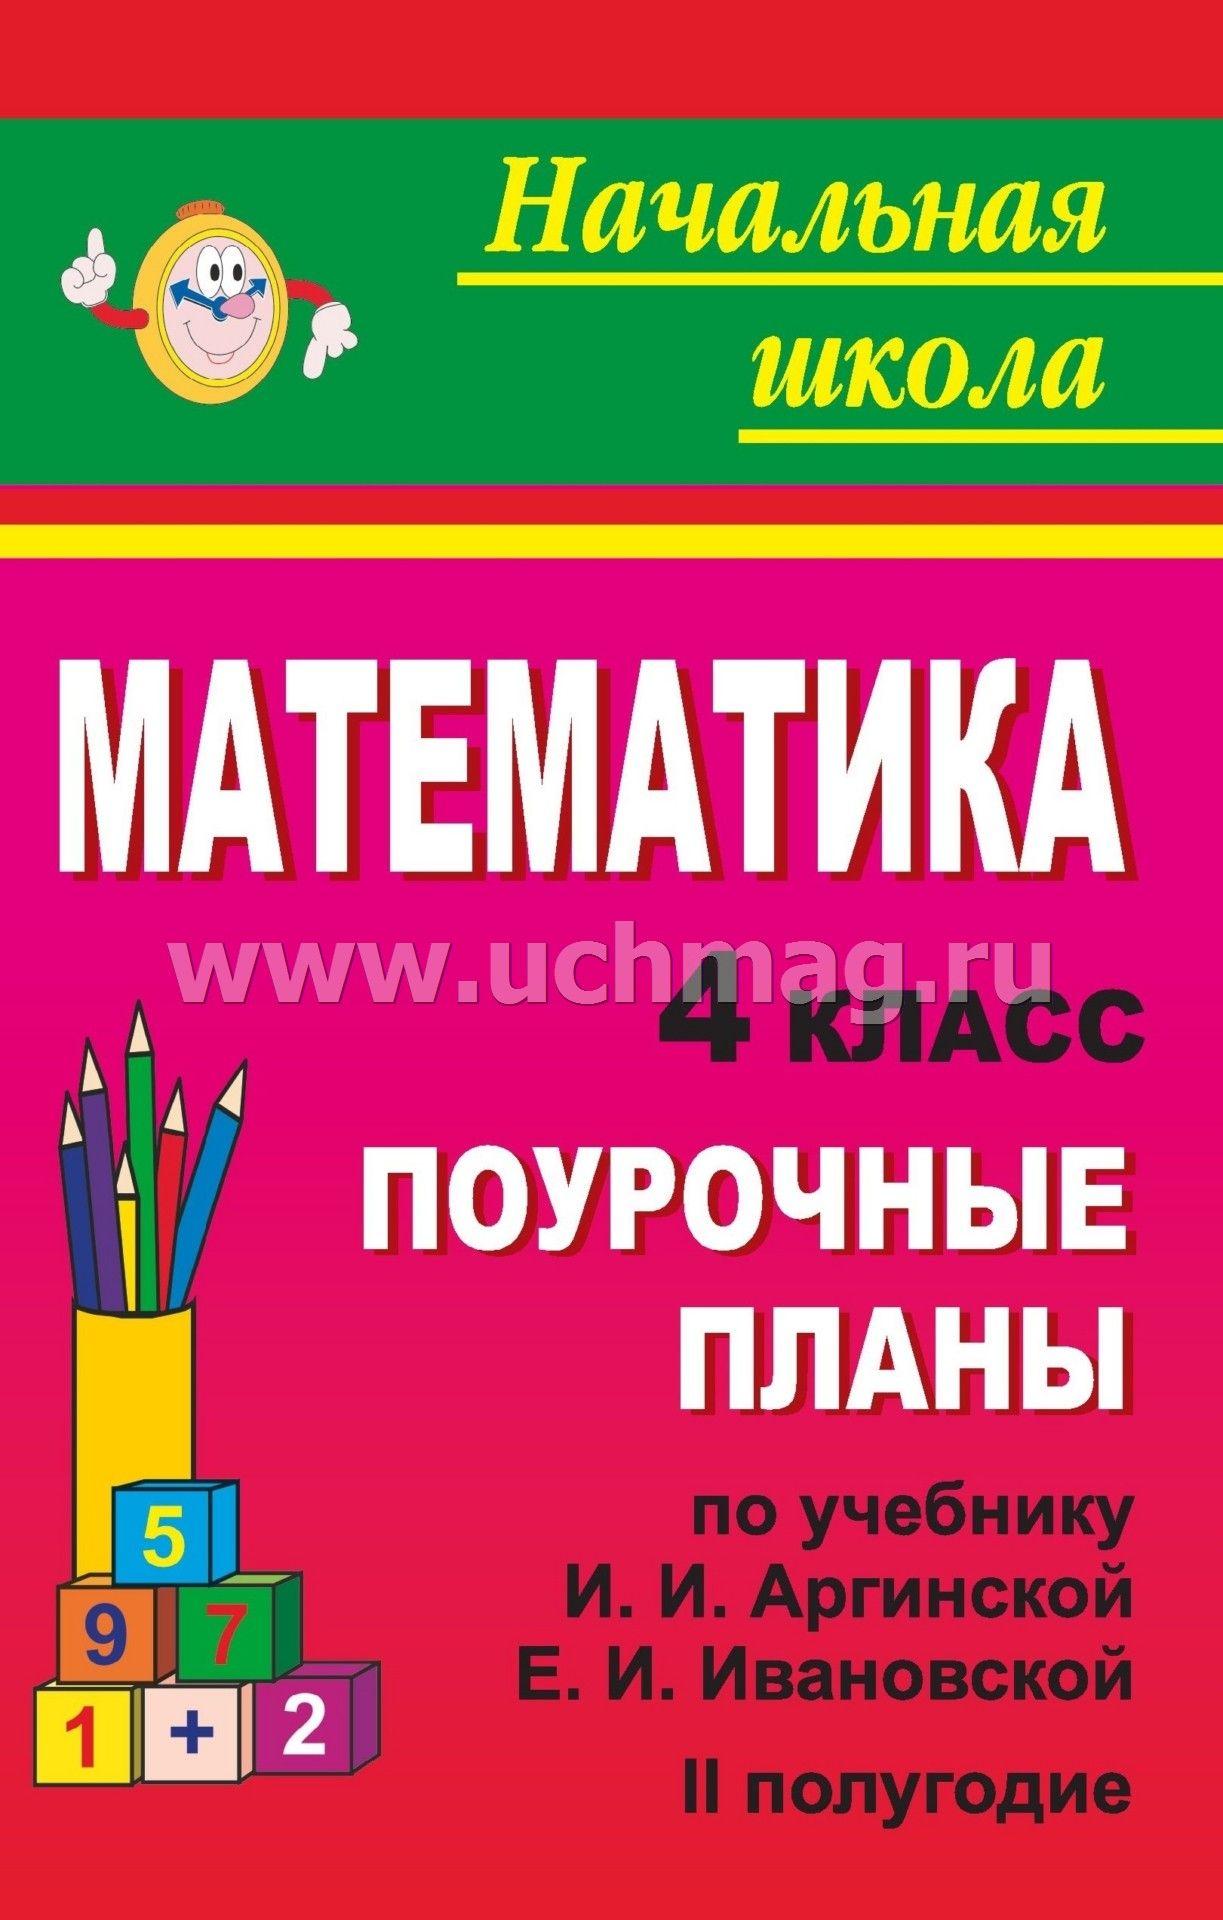 Решение задач по математике онлайн 4 класс и.и.аргинская е.и.ивановская с.н.кормишина